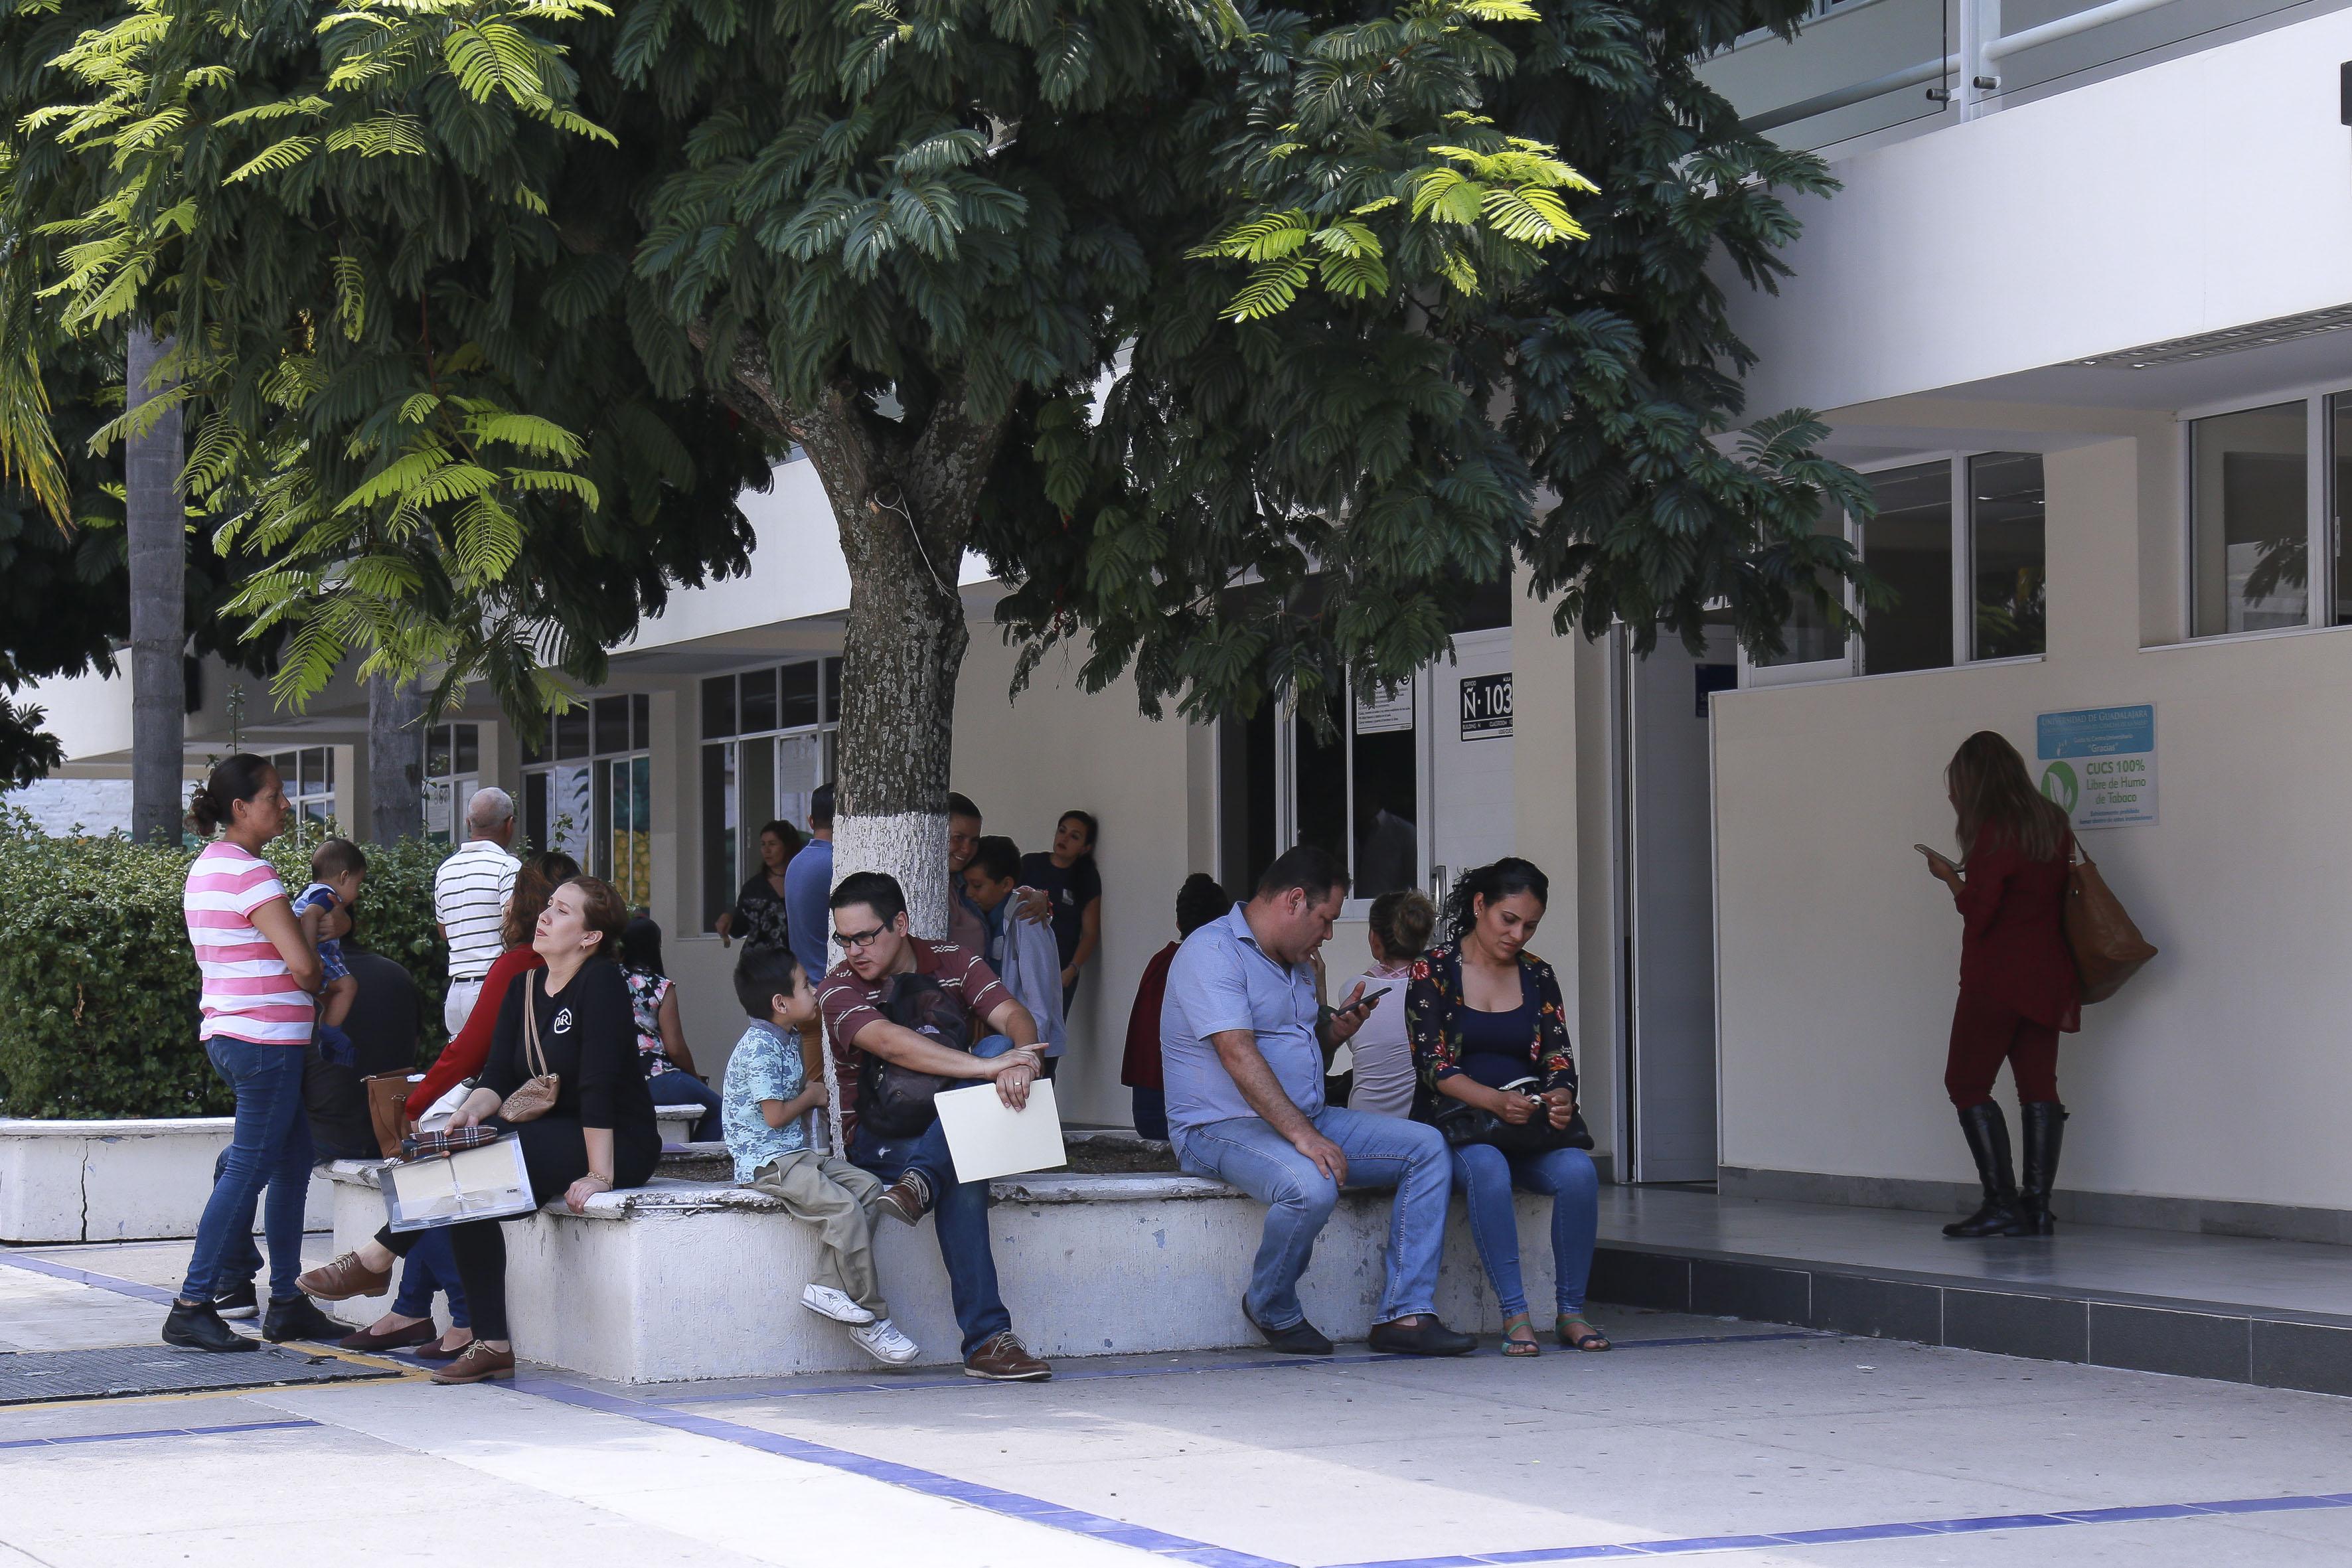 Padres de familia esperando mientras su hijos son evaluados